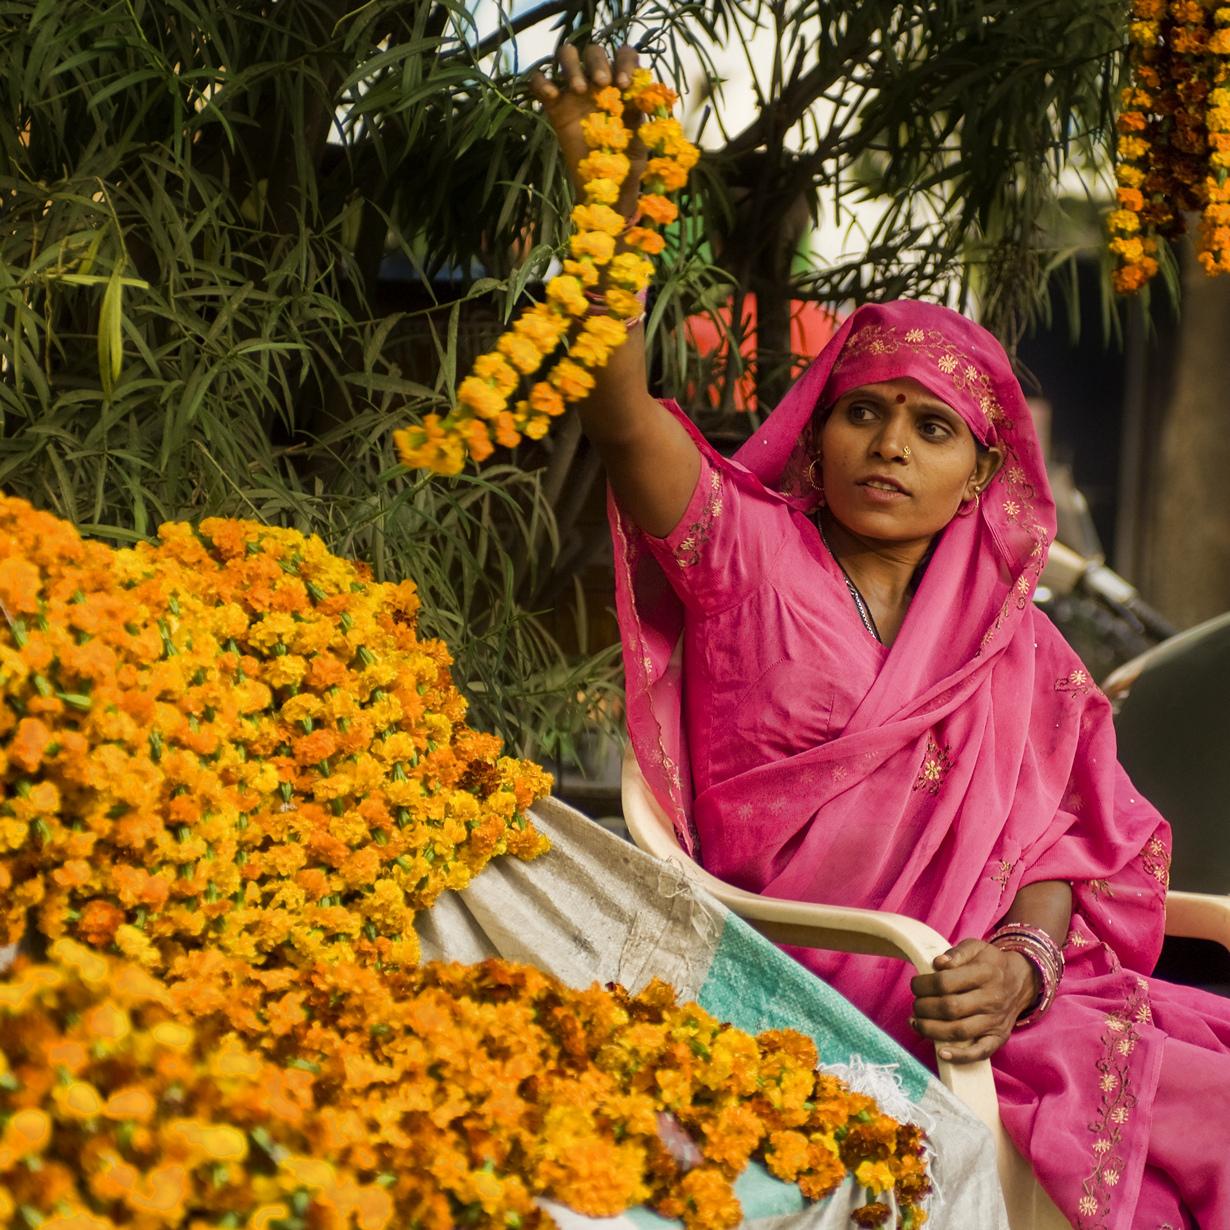 4 место. Дивали — индуистский праздник, символизирующий победу добра над злом. Фестиваль приходится